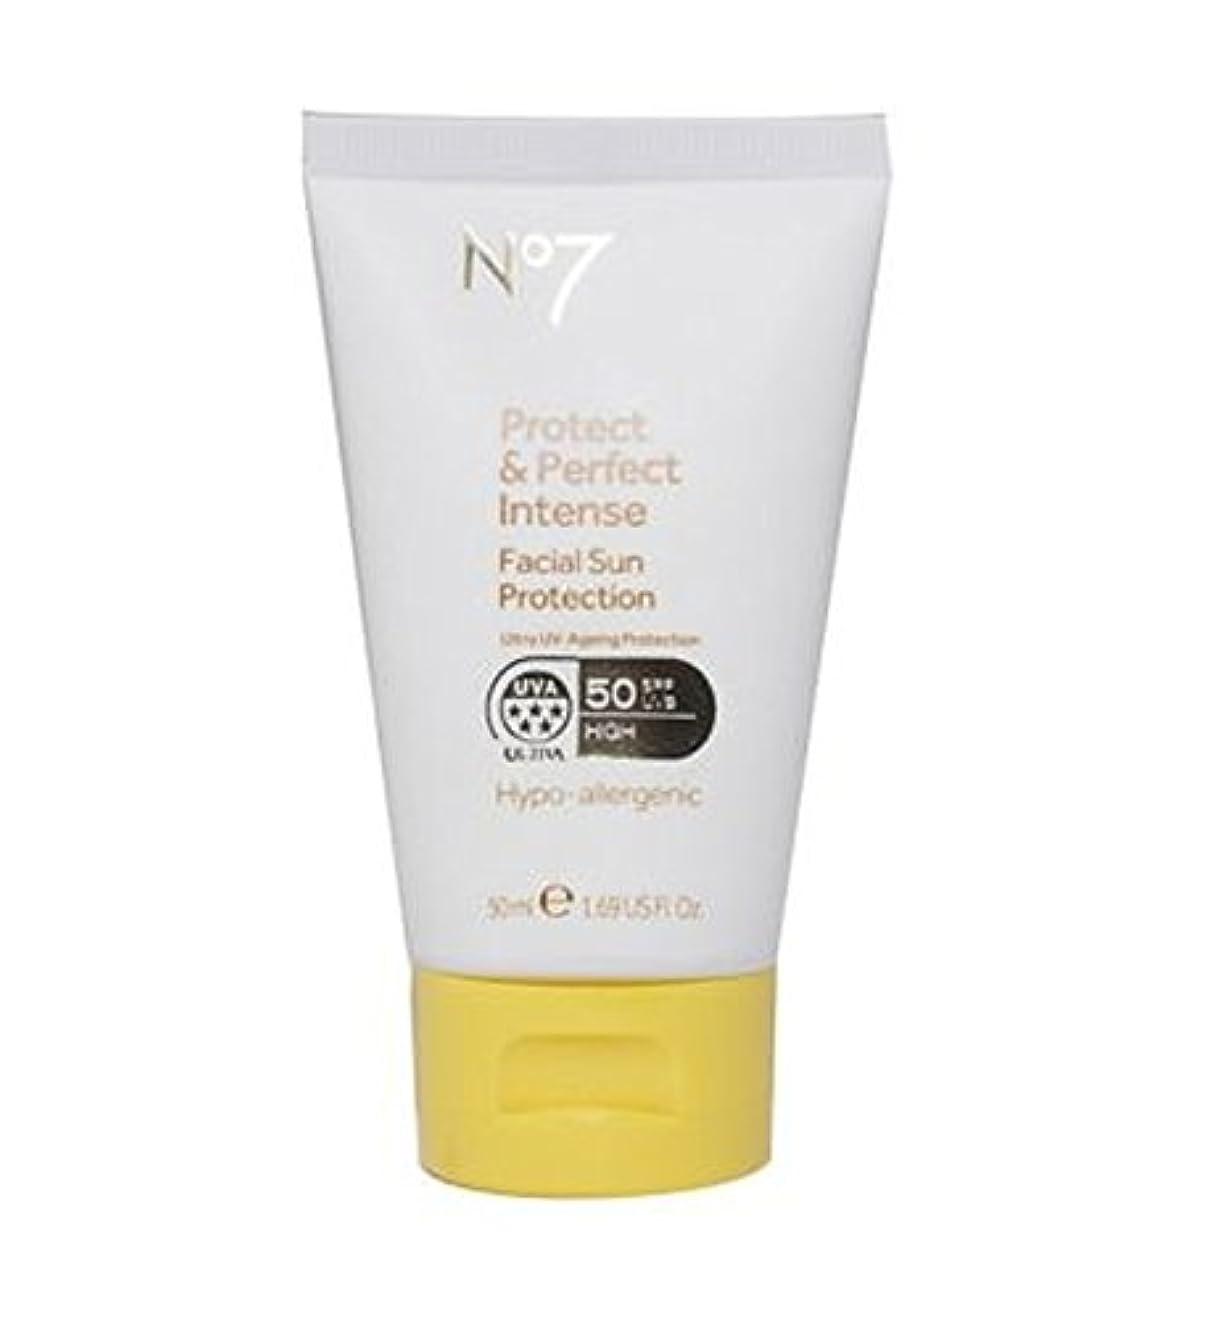 粒子ばかマージンNo7 Protect & Perfect Intense Facial Sun Protection SPF 50 50ml - No7保護&完璧な強烈な顔の日焼け防止Spf 50 50ミリリットル (No7) [並行輸入品]